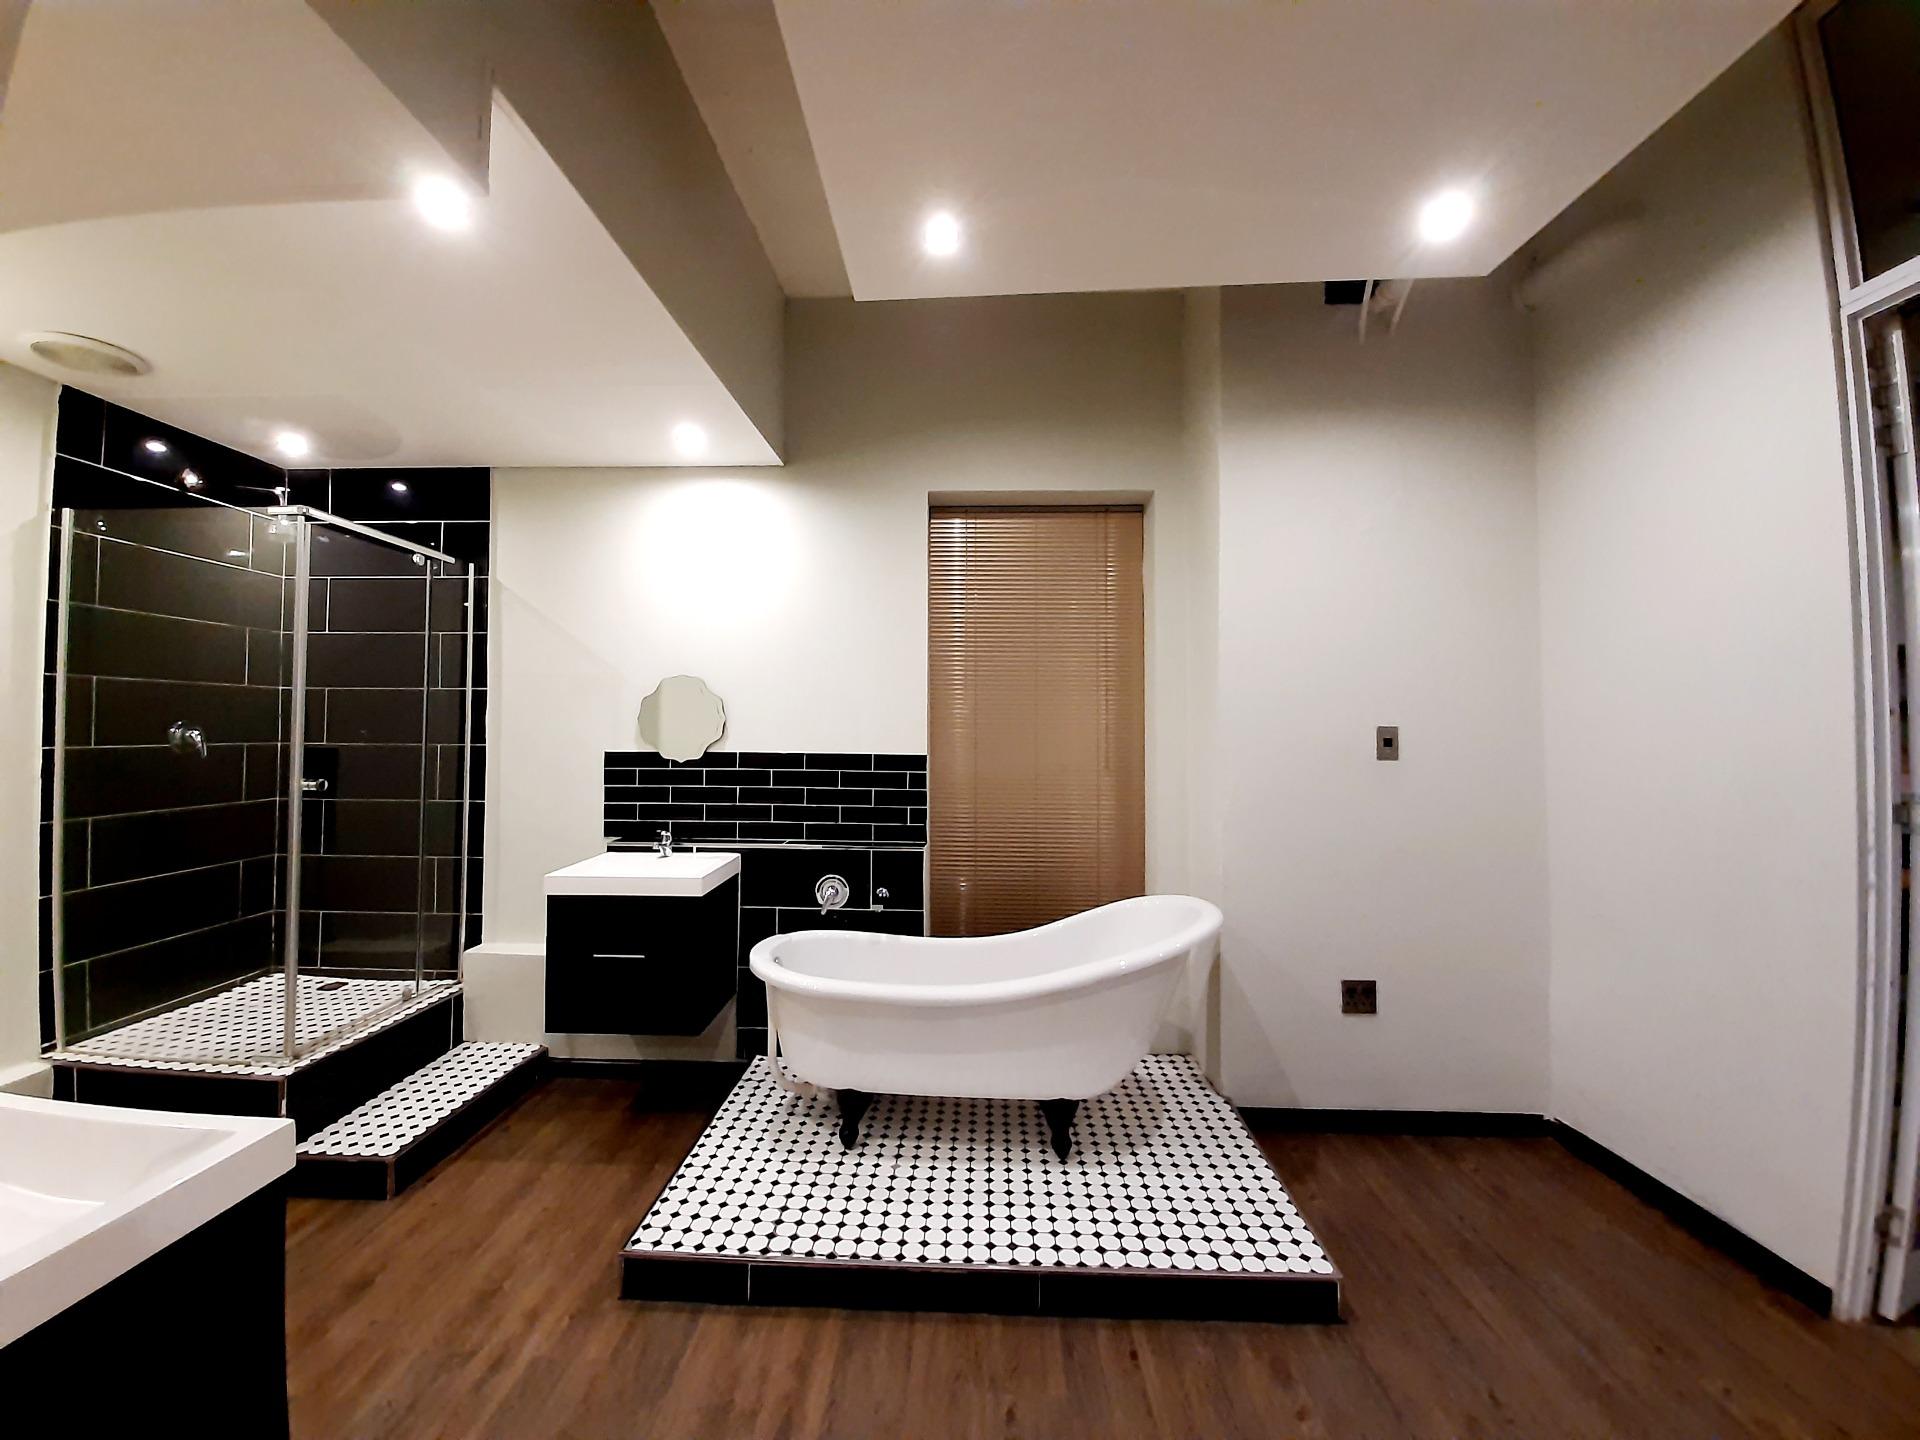 2-Bedroom Urban Haven